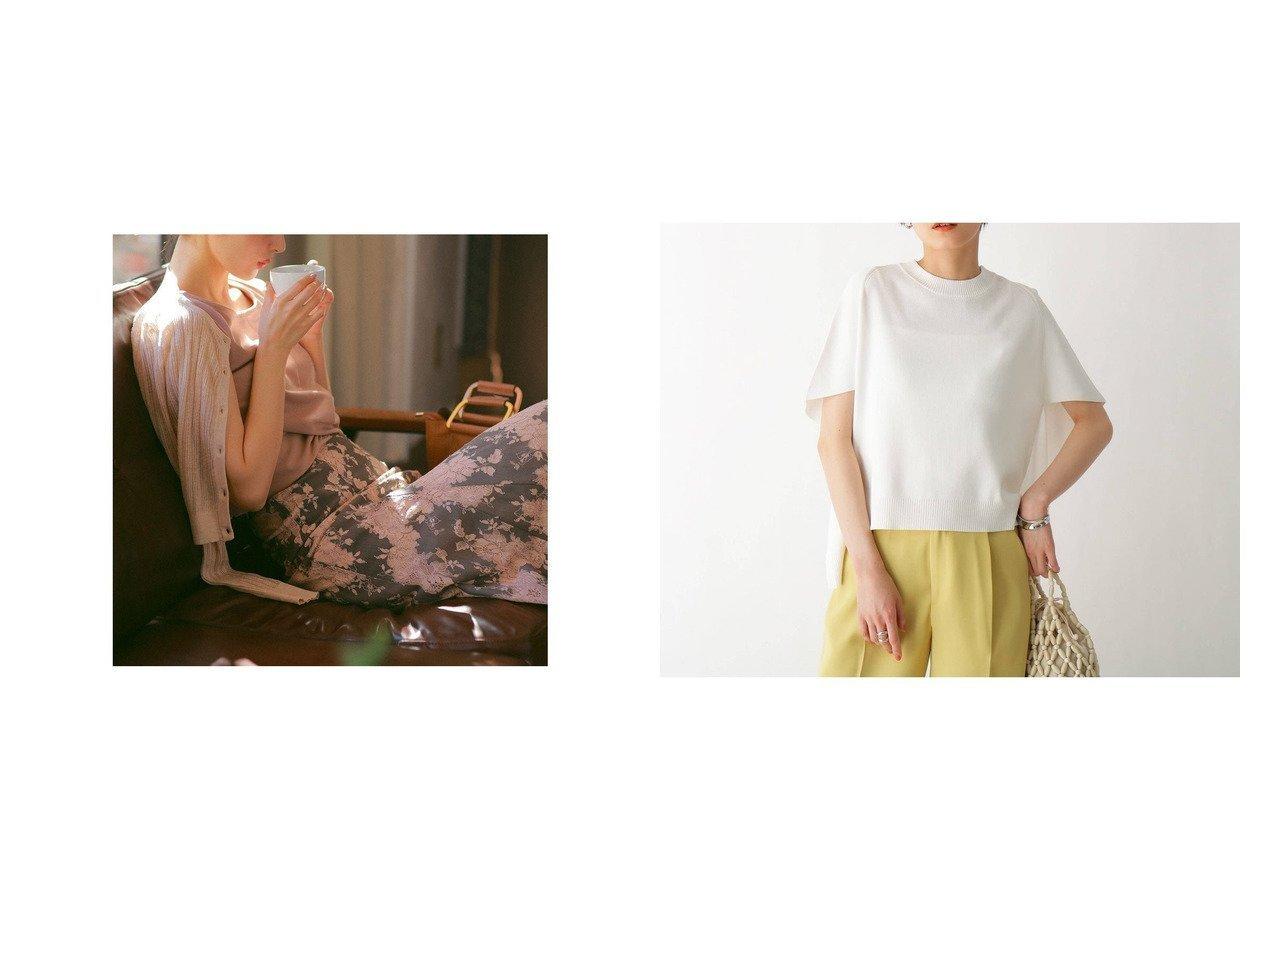 【ROYAL PARTY/ロイヤルパーティー】のニットシアーカーディガン&【AG by aquagirl/エージー バイ アクアガール】の変形スリーブニット おすすめ!人気トレンド・レディースファッション通販 おすすめで人気の流行・トレンド、ファッションの通販商品 インテリア・家具・メンズファッション・キッズファッション・レディースファッション・服の通販 founy(ファニー) https://founy.com/ ファッション Fashion レディースファッション WOMEN トップス・カットソー Tops/Tshirt ニット Knit Tops カーディガン Cardigans 2021年 2021 2021春夏・S/S SS/Spring/Summer/2021 S/S・春夏 SS・Spring/Summer おすすめ Recommend カーディガン ショート 春 Spring |ID:crp329100000043705